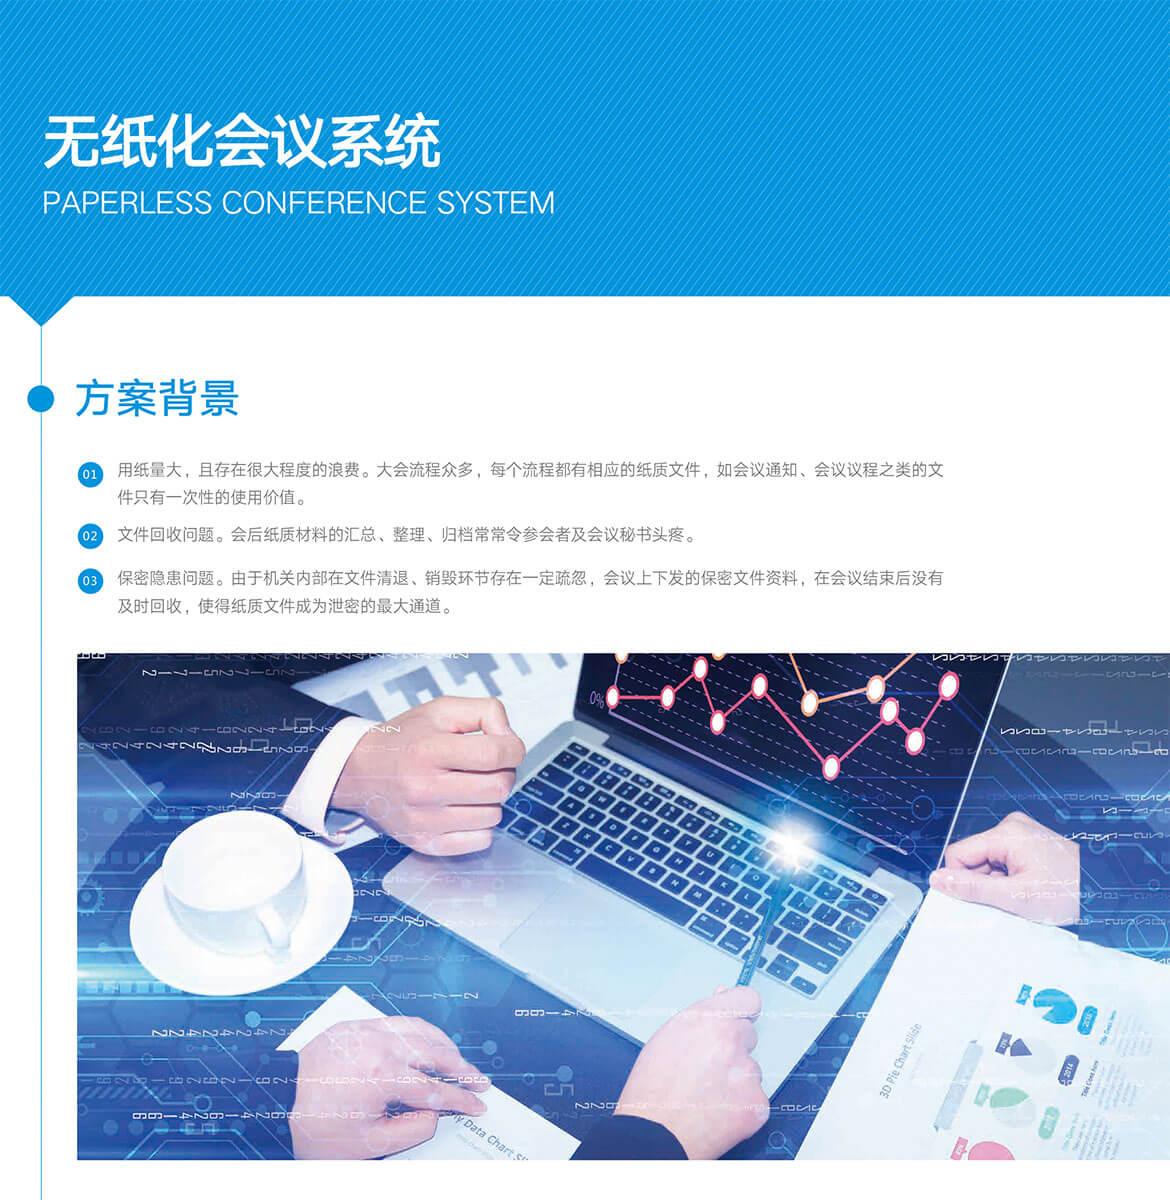 01无纸化会议系统.jpg